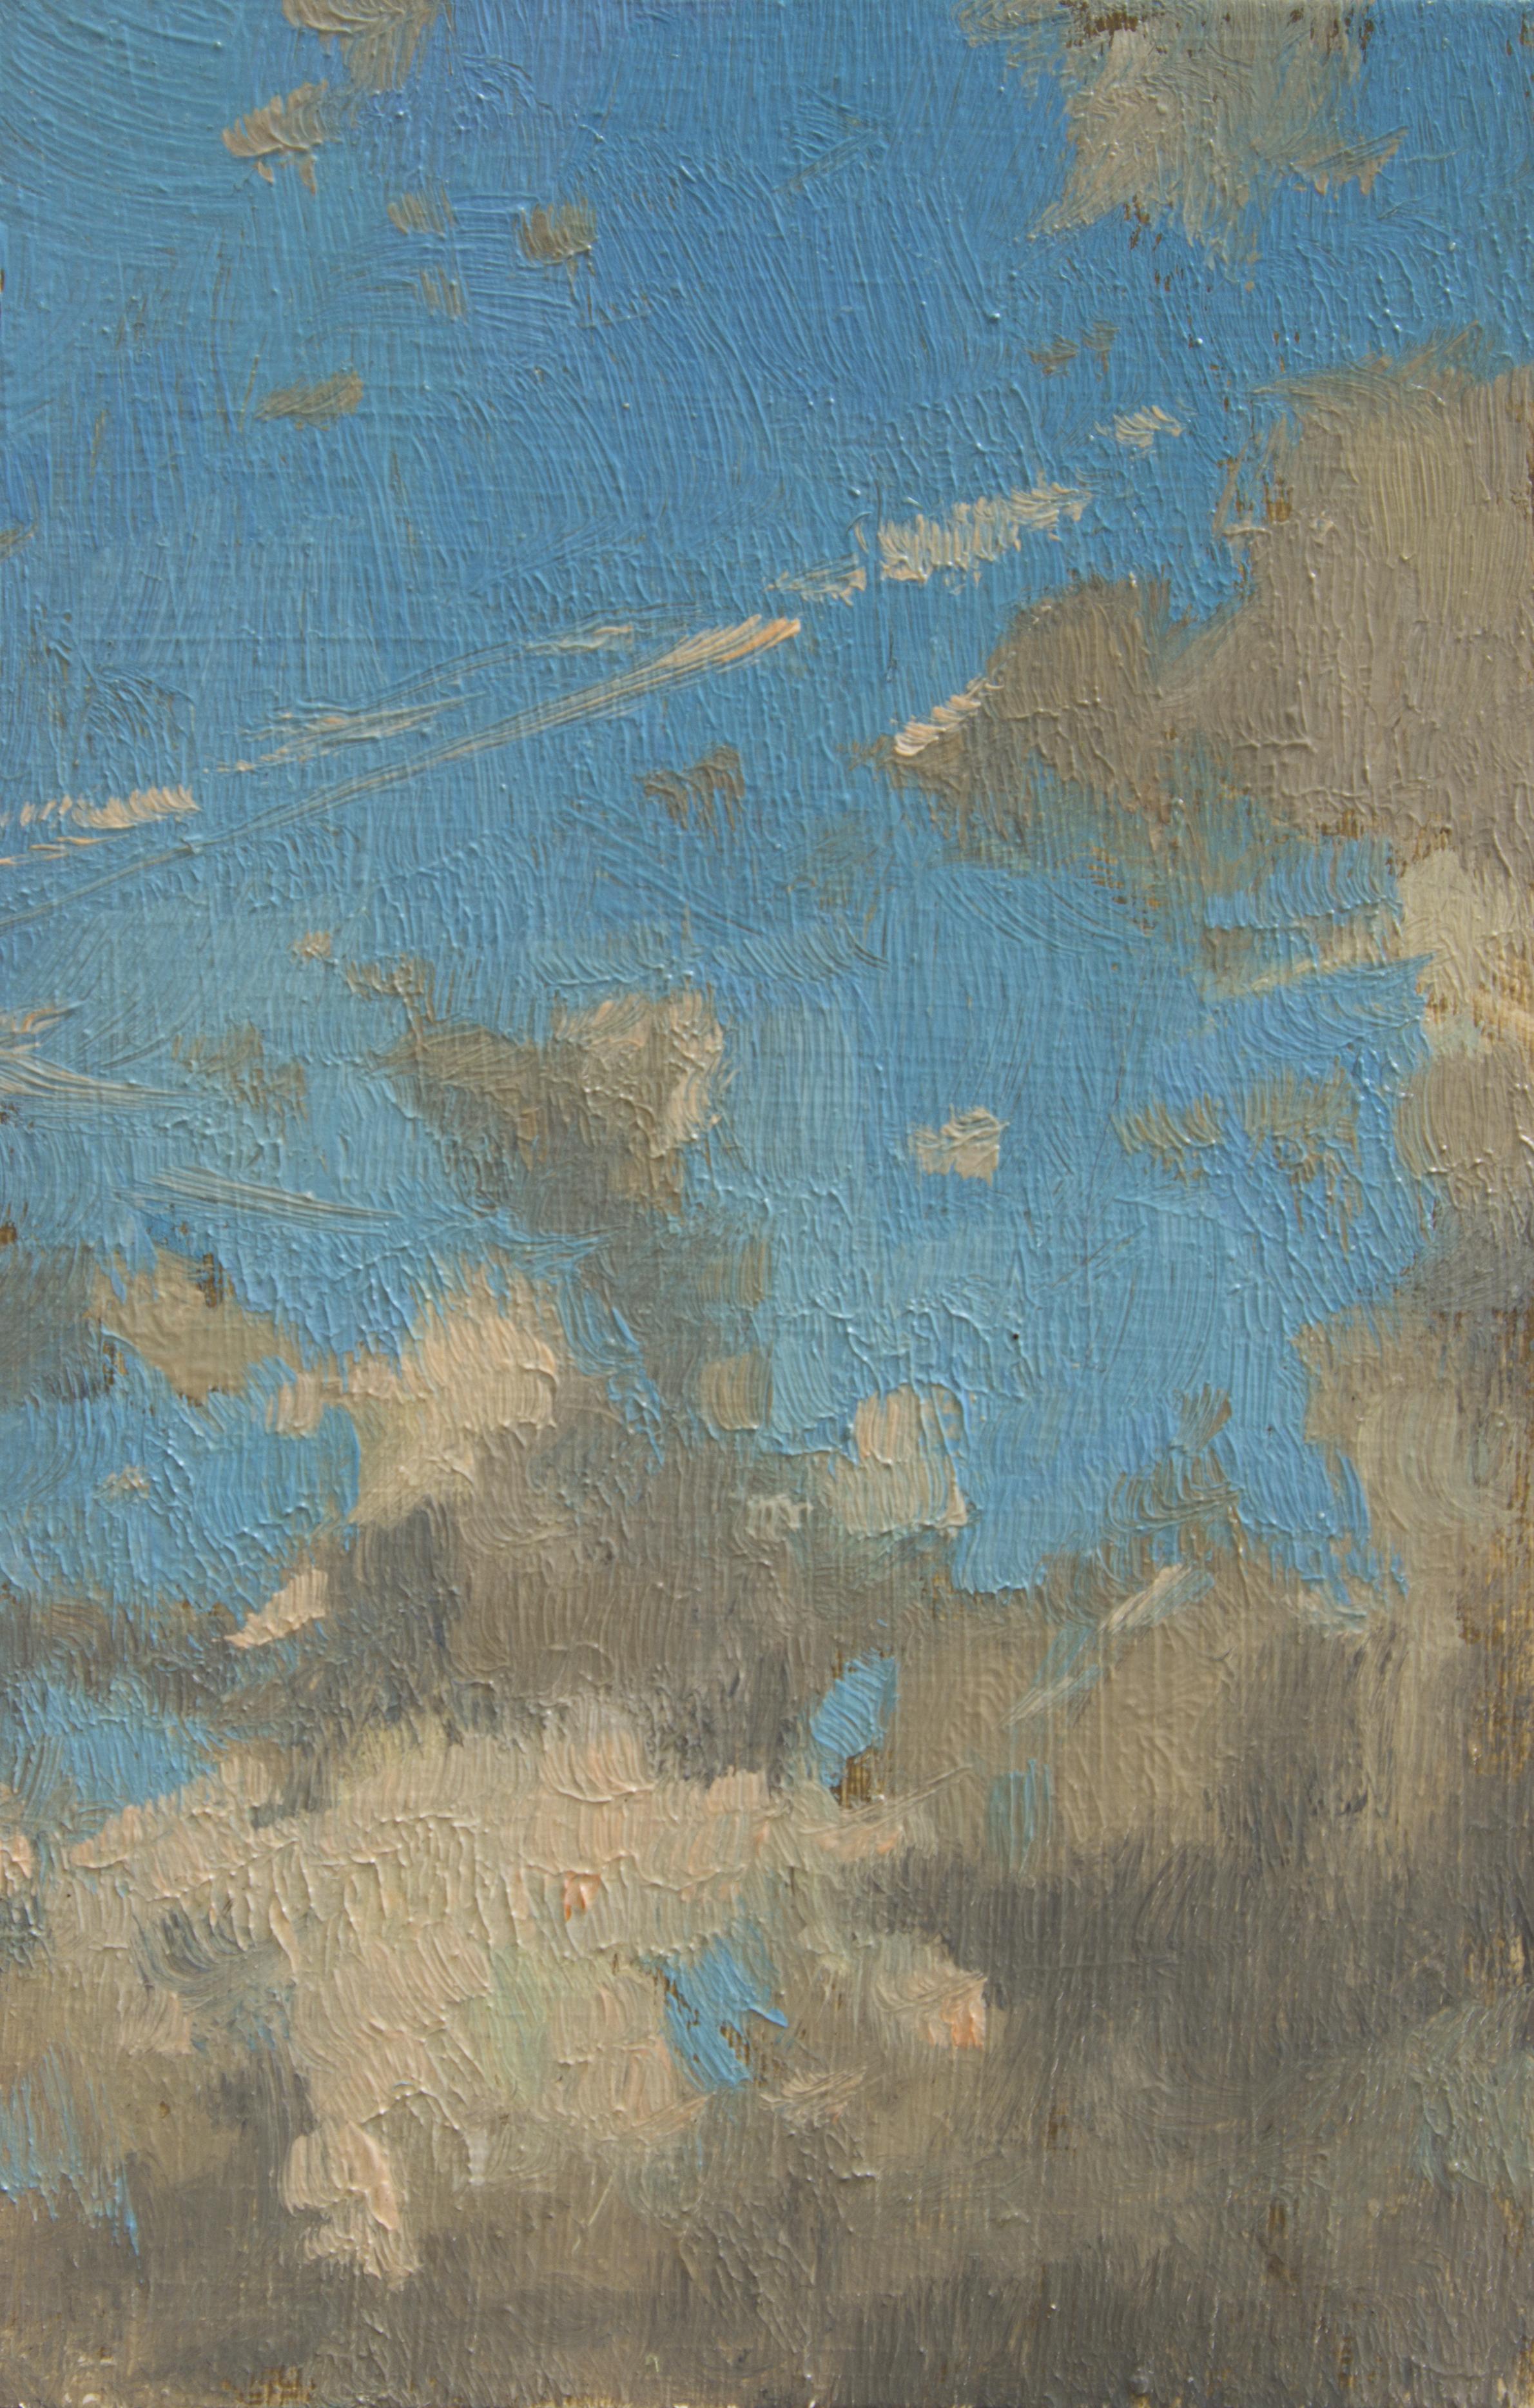 """TS 372, oil on panel, 3.25"""" x 2"""", 2015"""